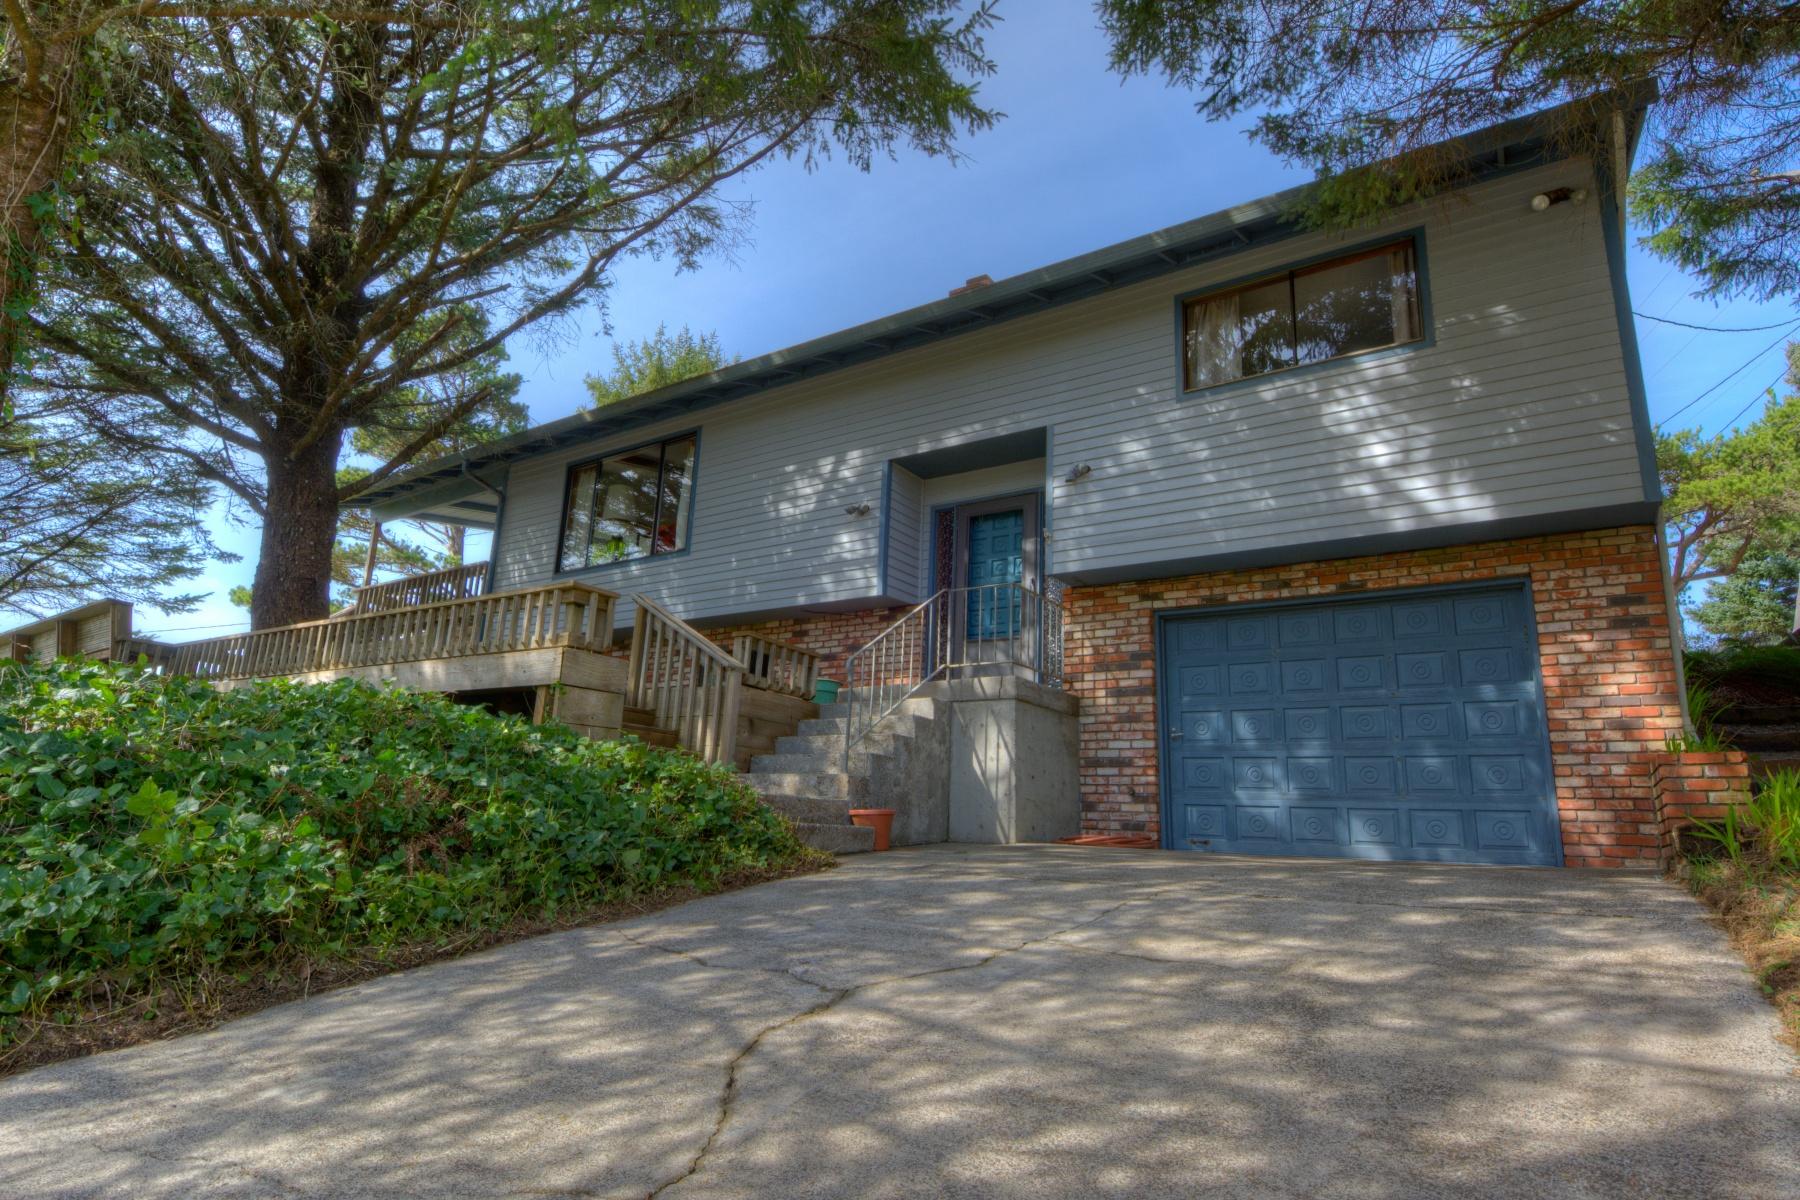 Einfamilienhaus für Verkauf beim 8090 NEHALEM RD, MANZANITA Manzanita, Oregon, 97130 Vereinigte Staaten